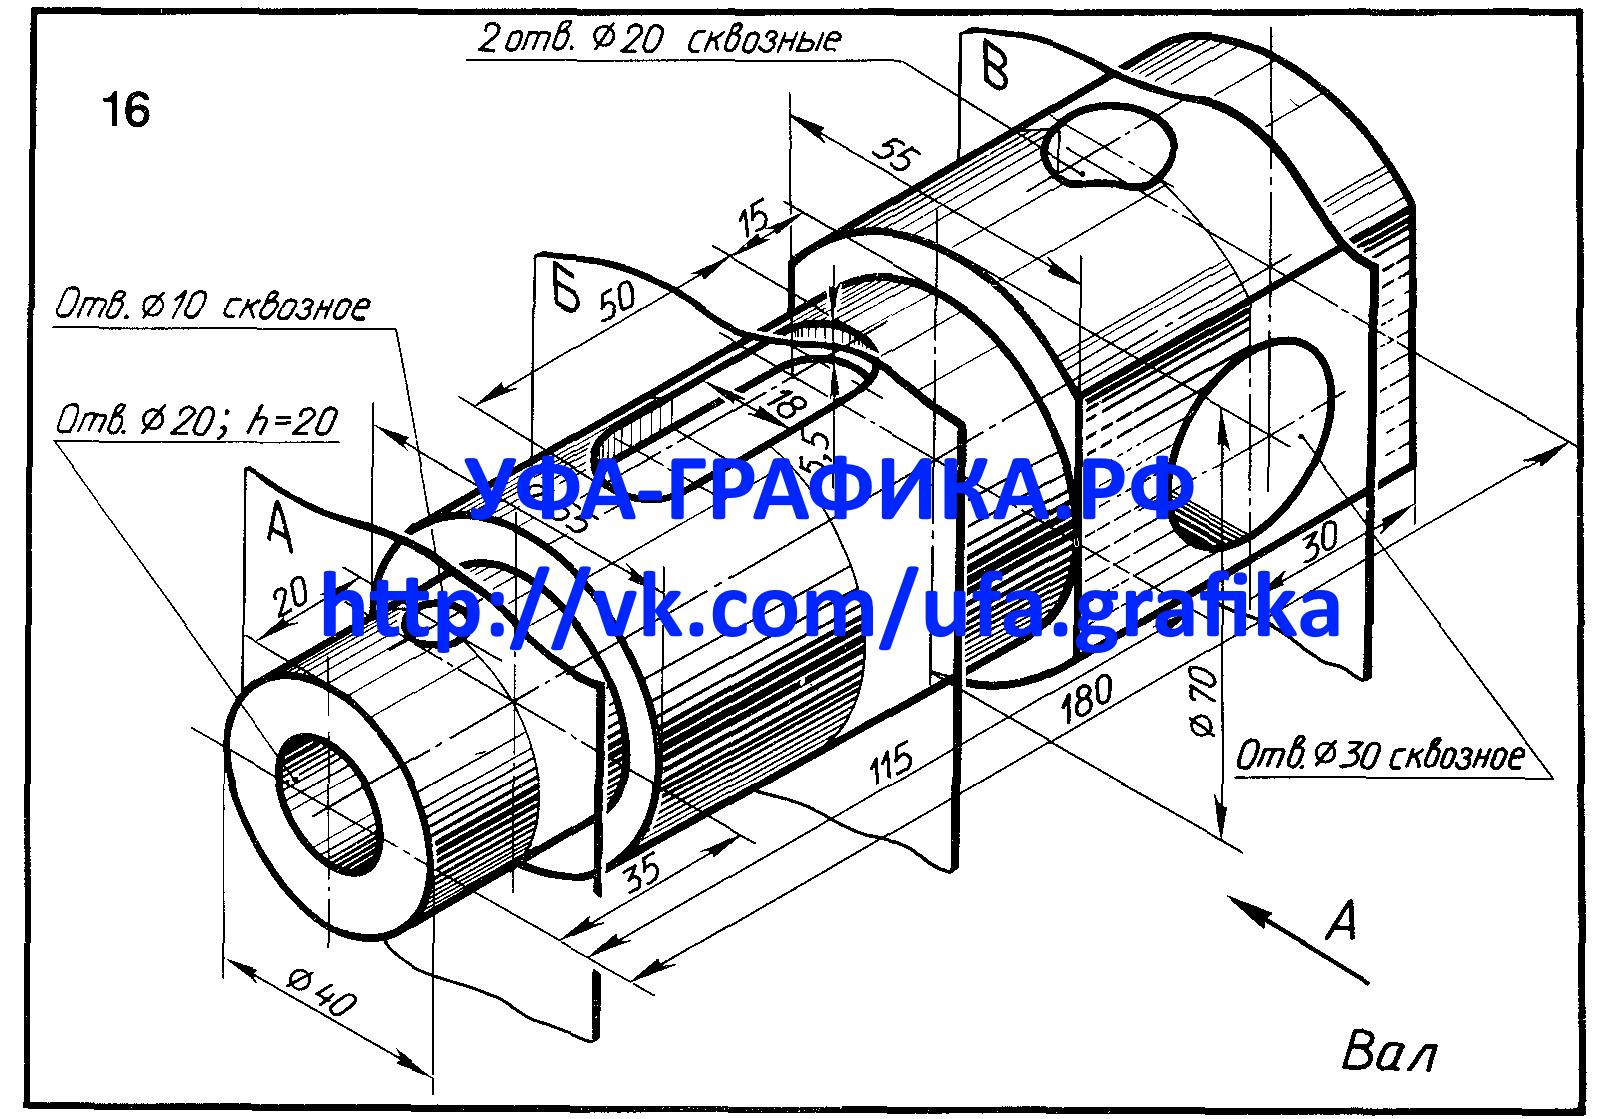 Сечения вала - Вариант 16, чертежи, деталирование, 3Д модели, начертательная геометрия, инженерная графика